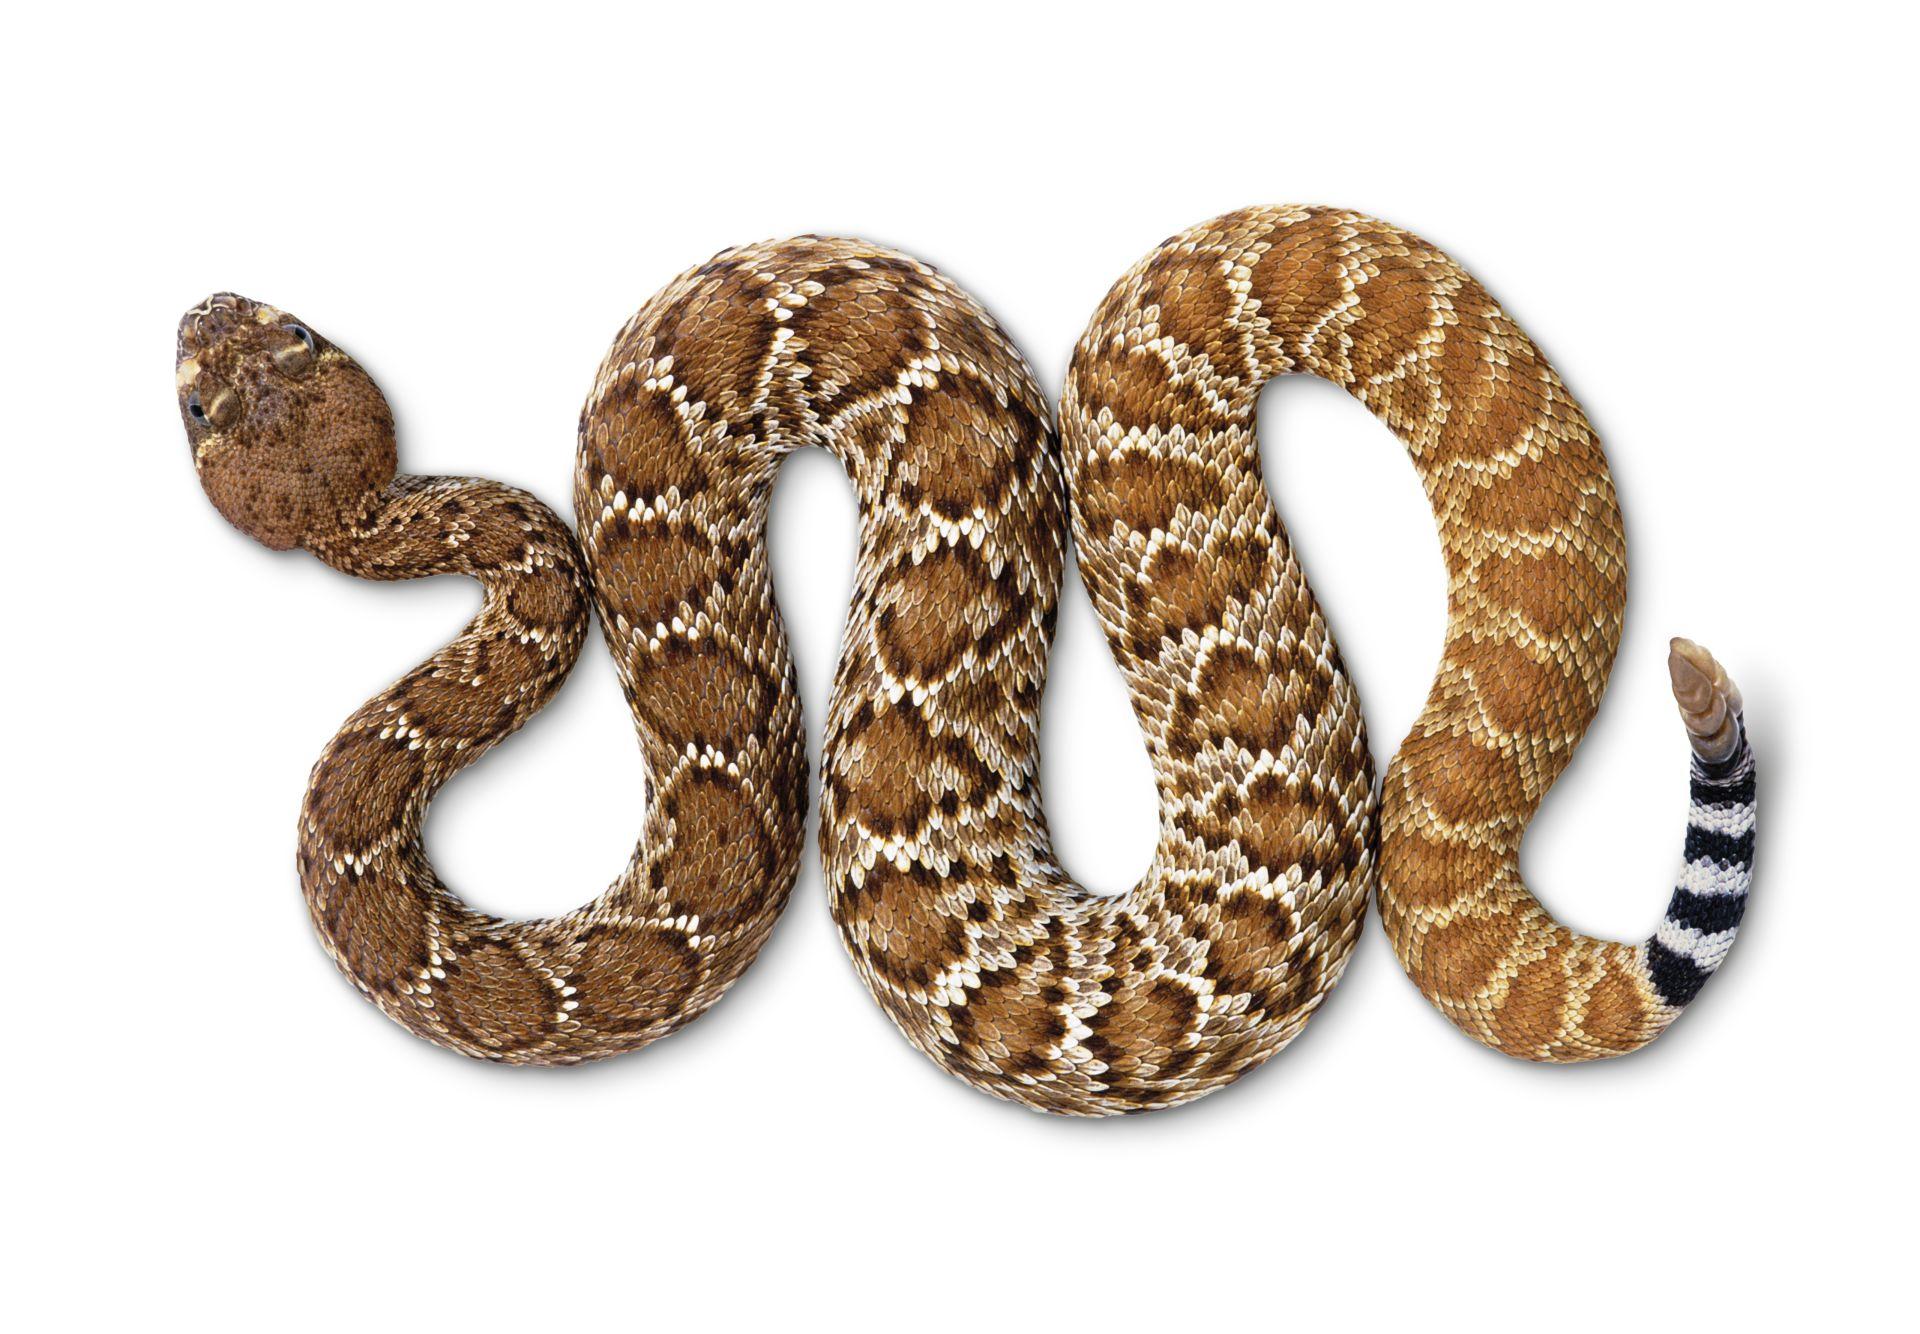 Rattlesnake Facts | Rattlesnake Information | DK Find Out